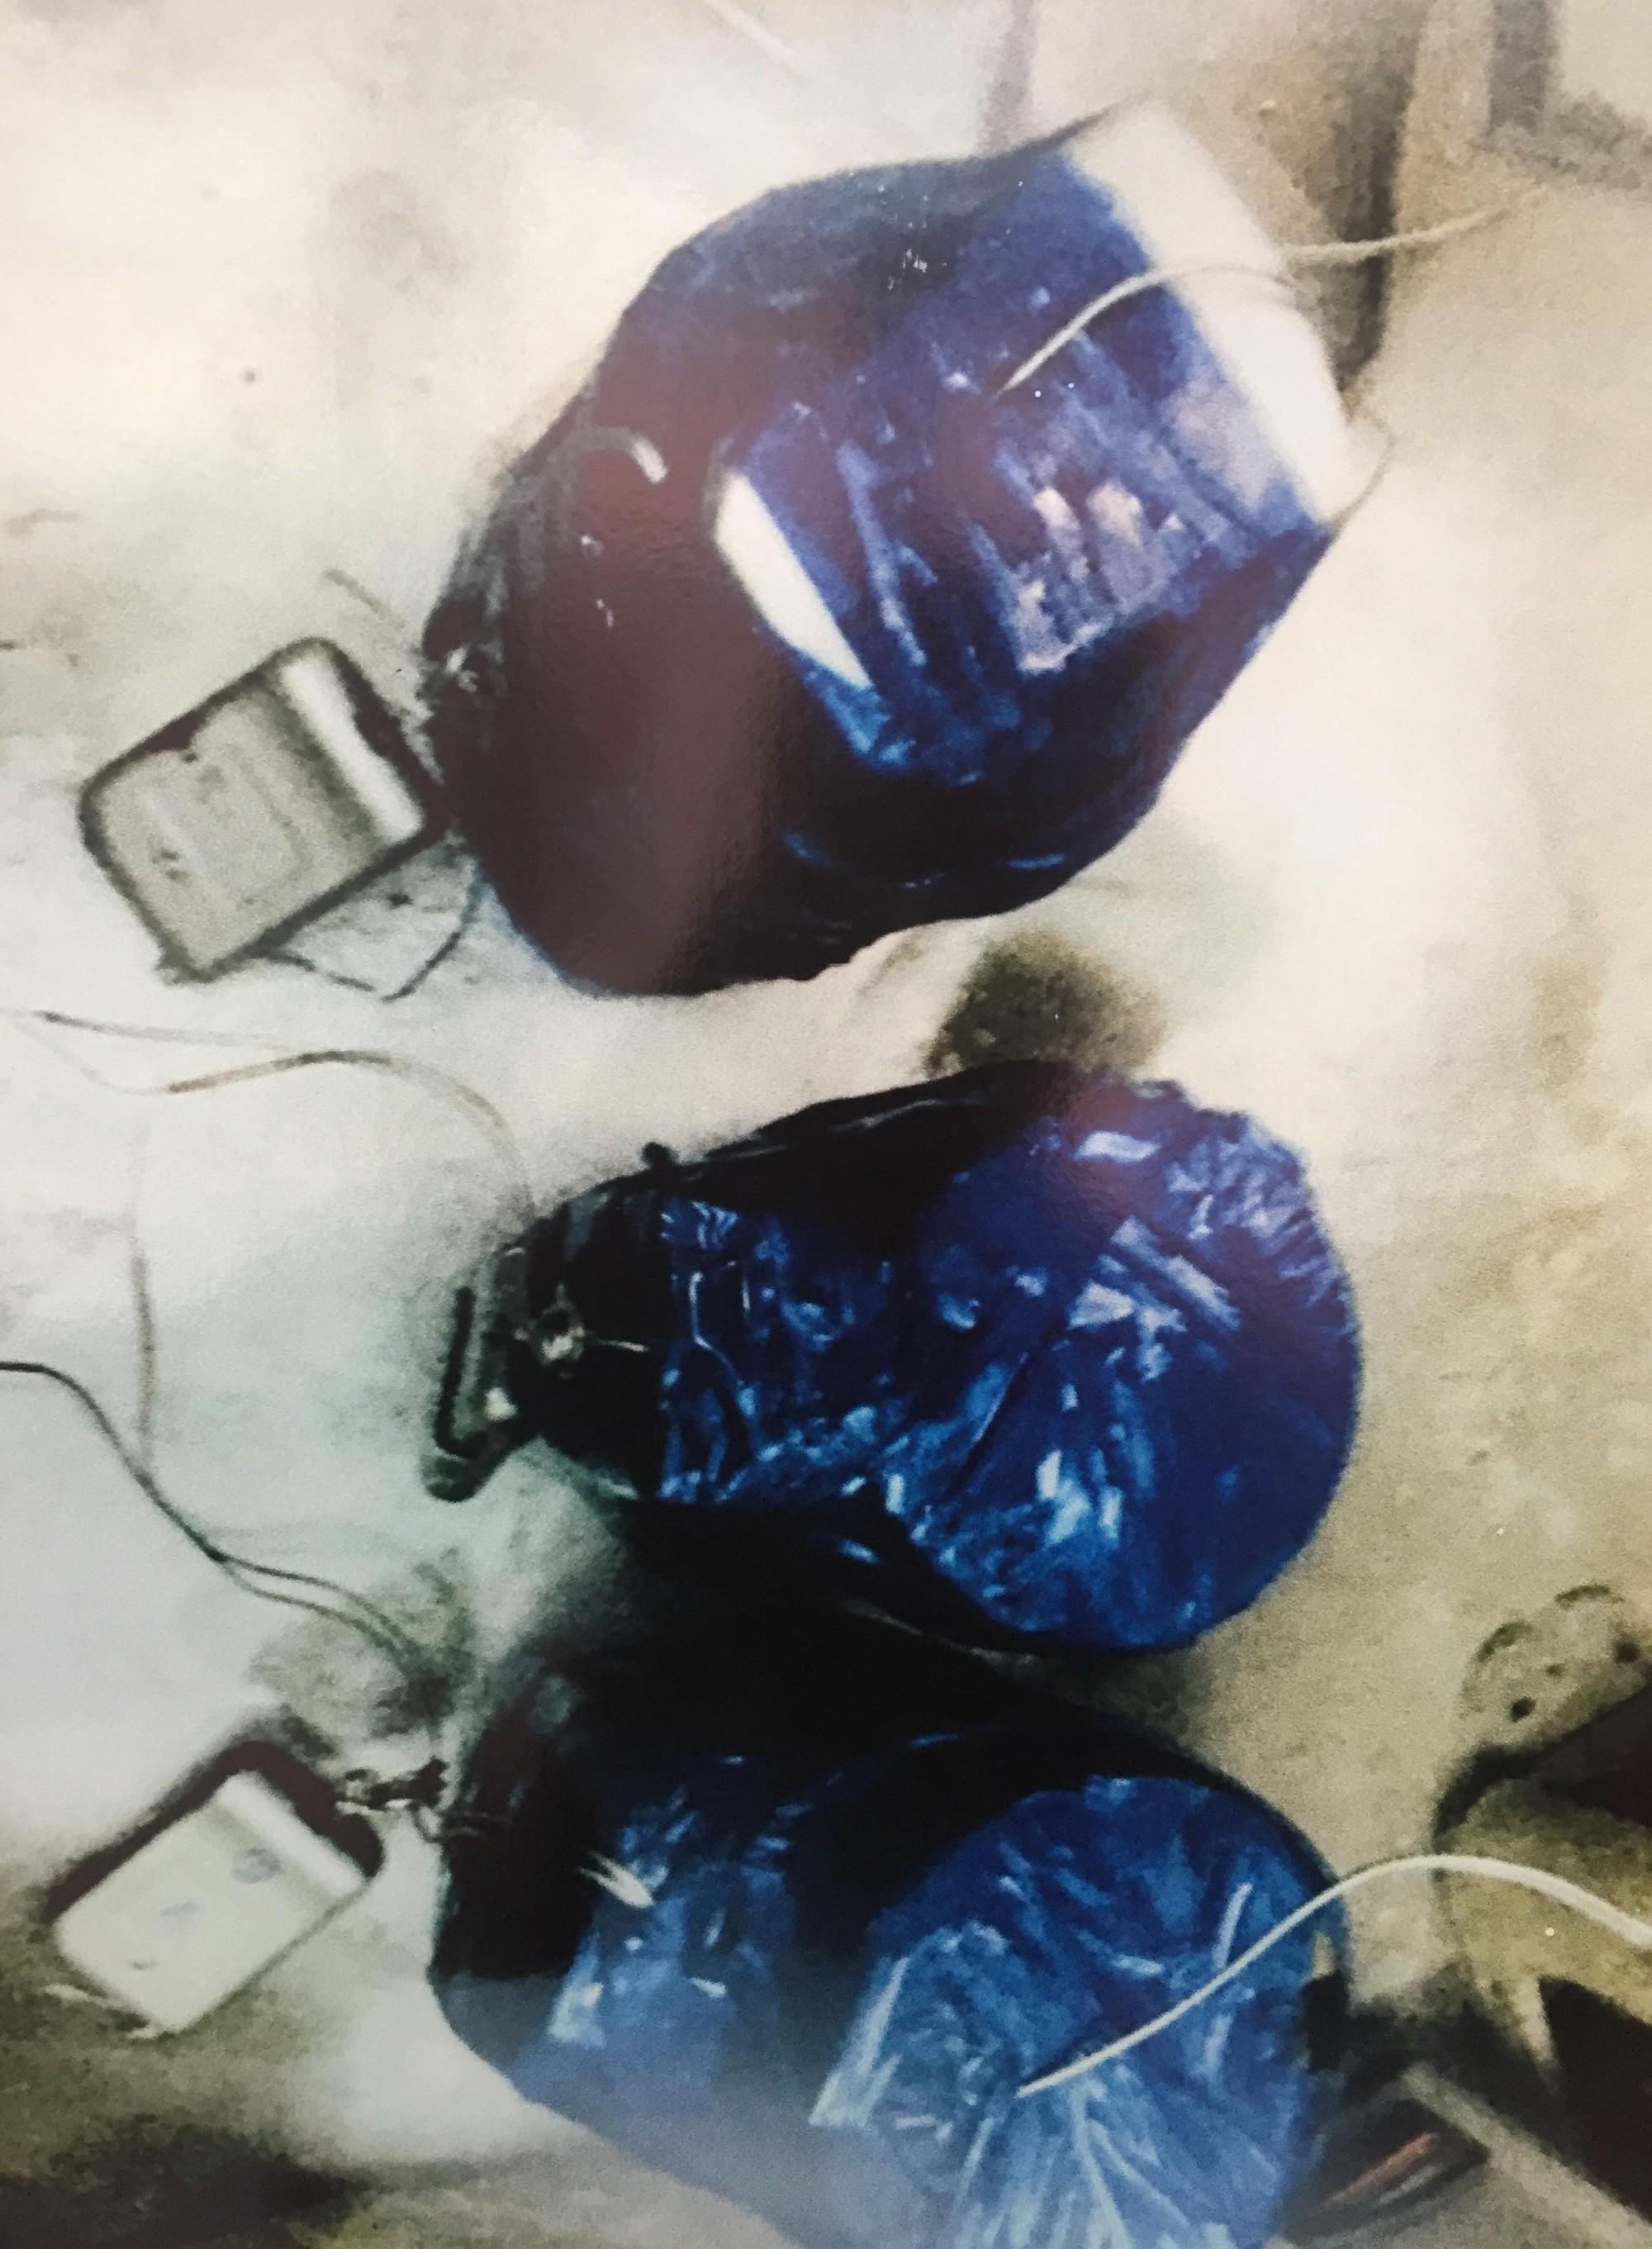 [ẢNH] 10kg thuốc nổ trong nhà của kẻ ném bom vào trụ sở công an phường - Ảnh 13.